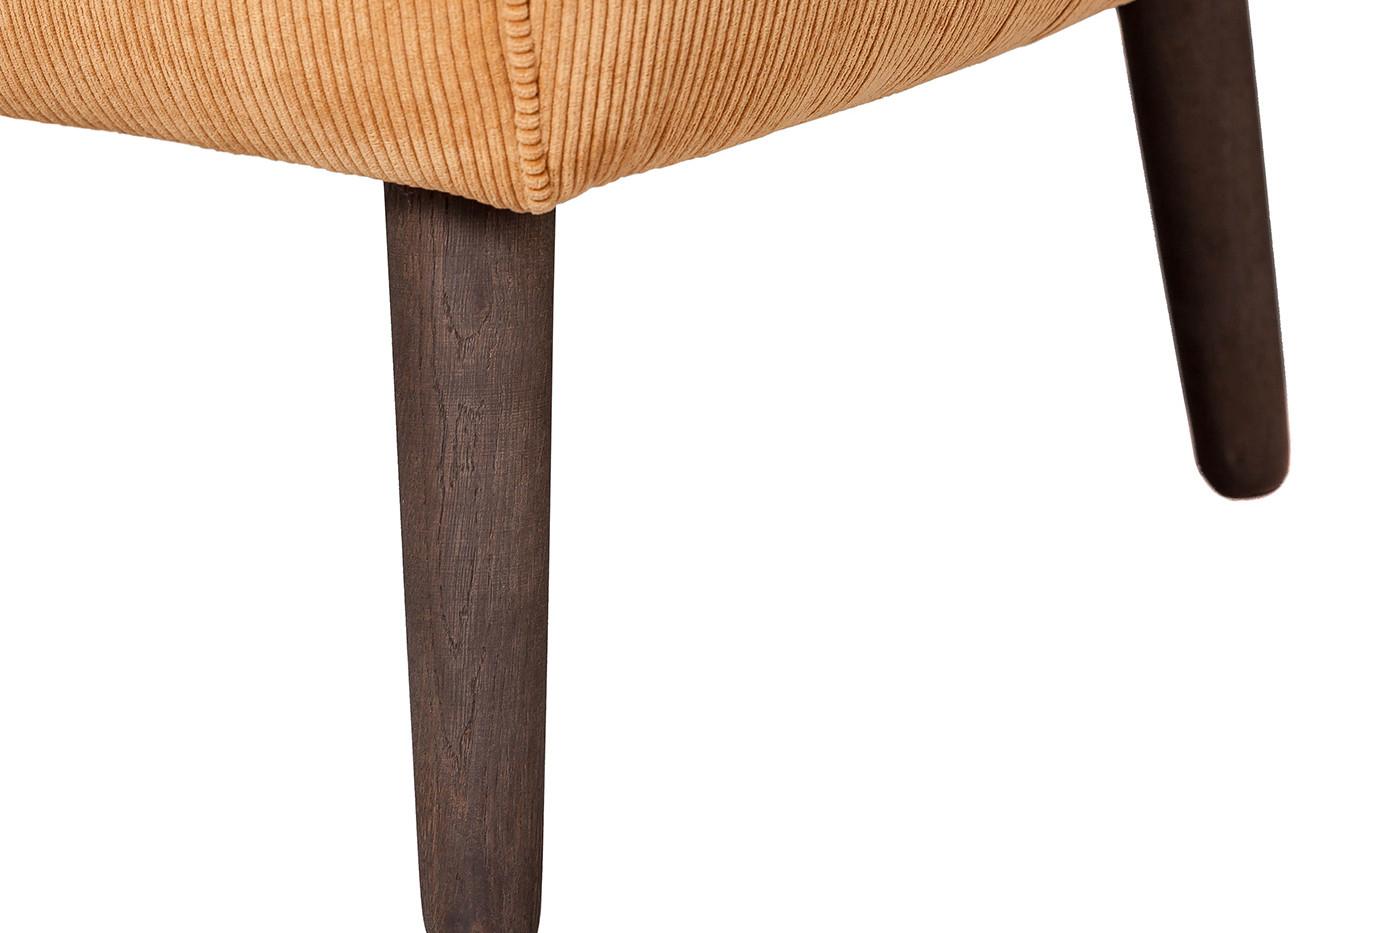 Chub chair Jump honey